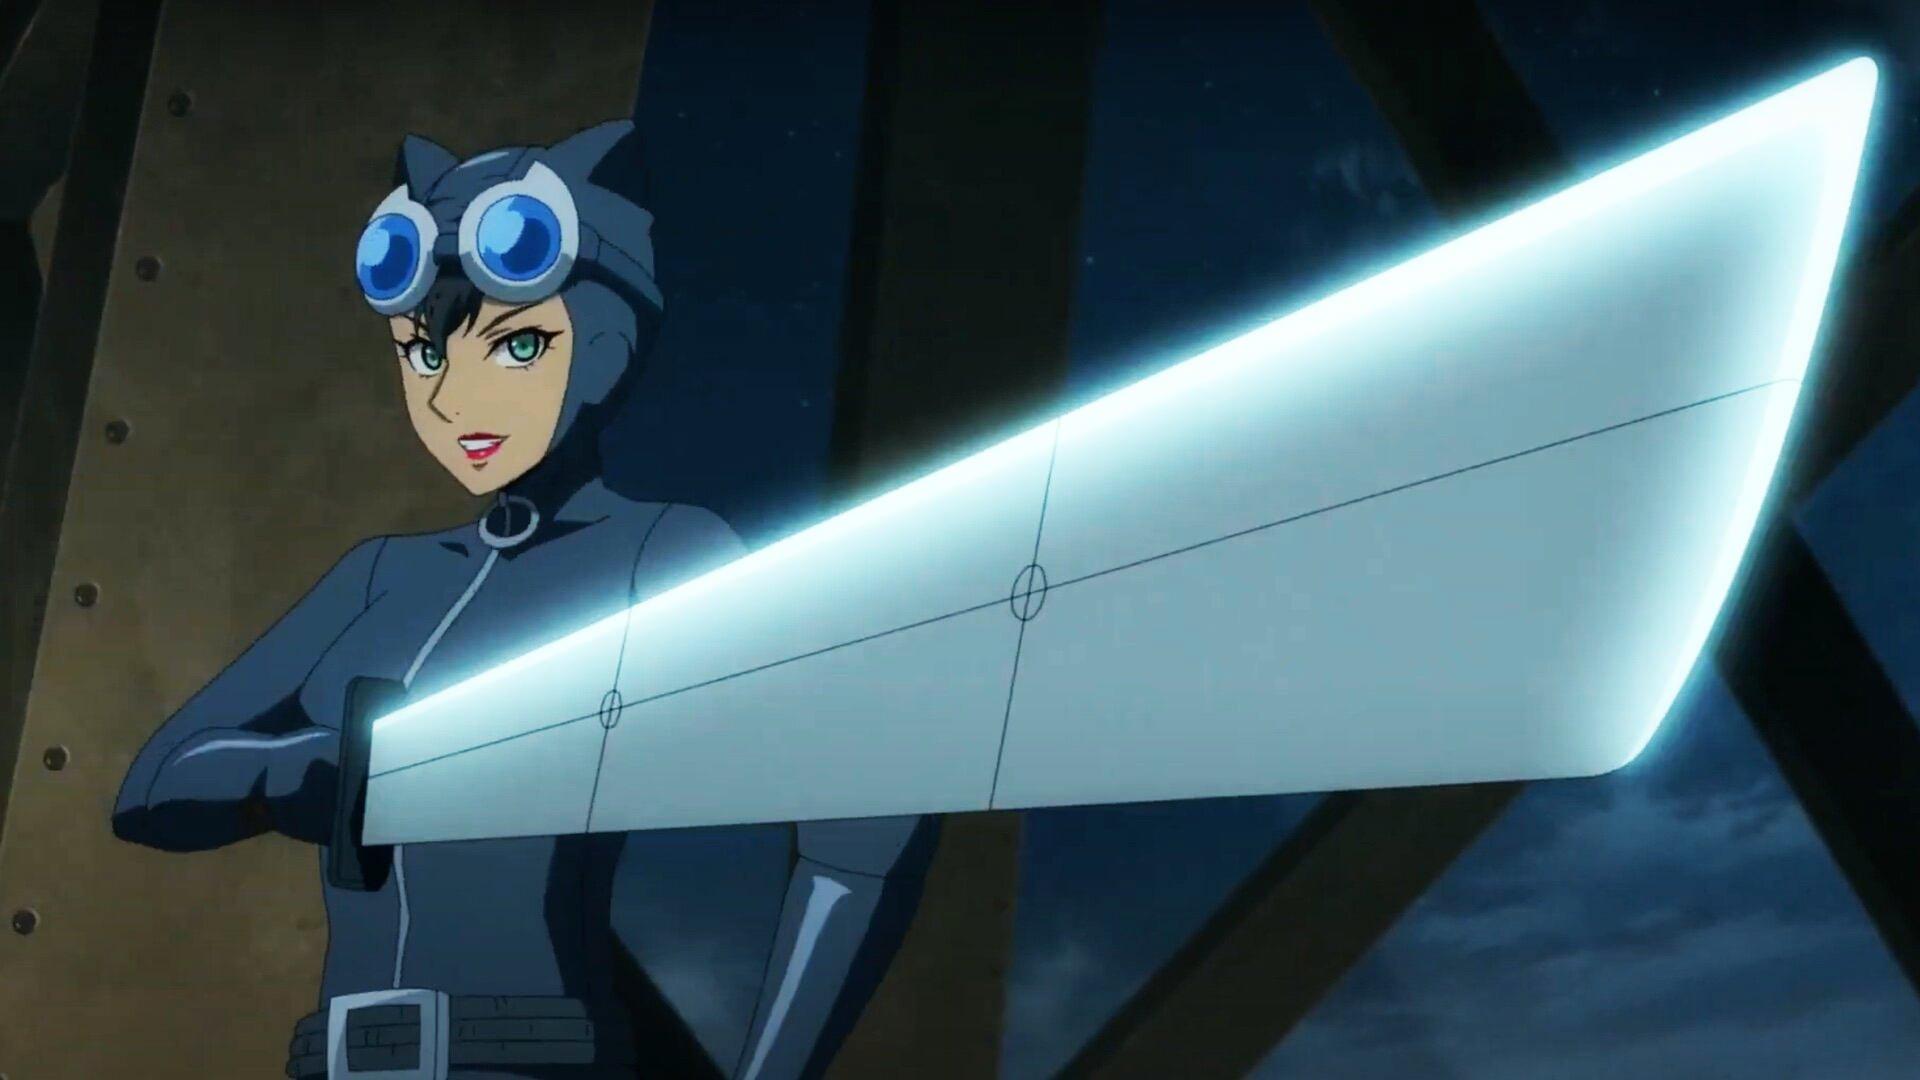 تاریخ پخش انیمیشن Catwoman: Hunted با انتشار تریلری اعلام شد